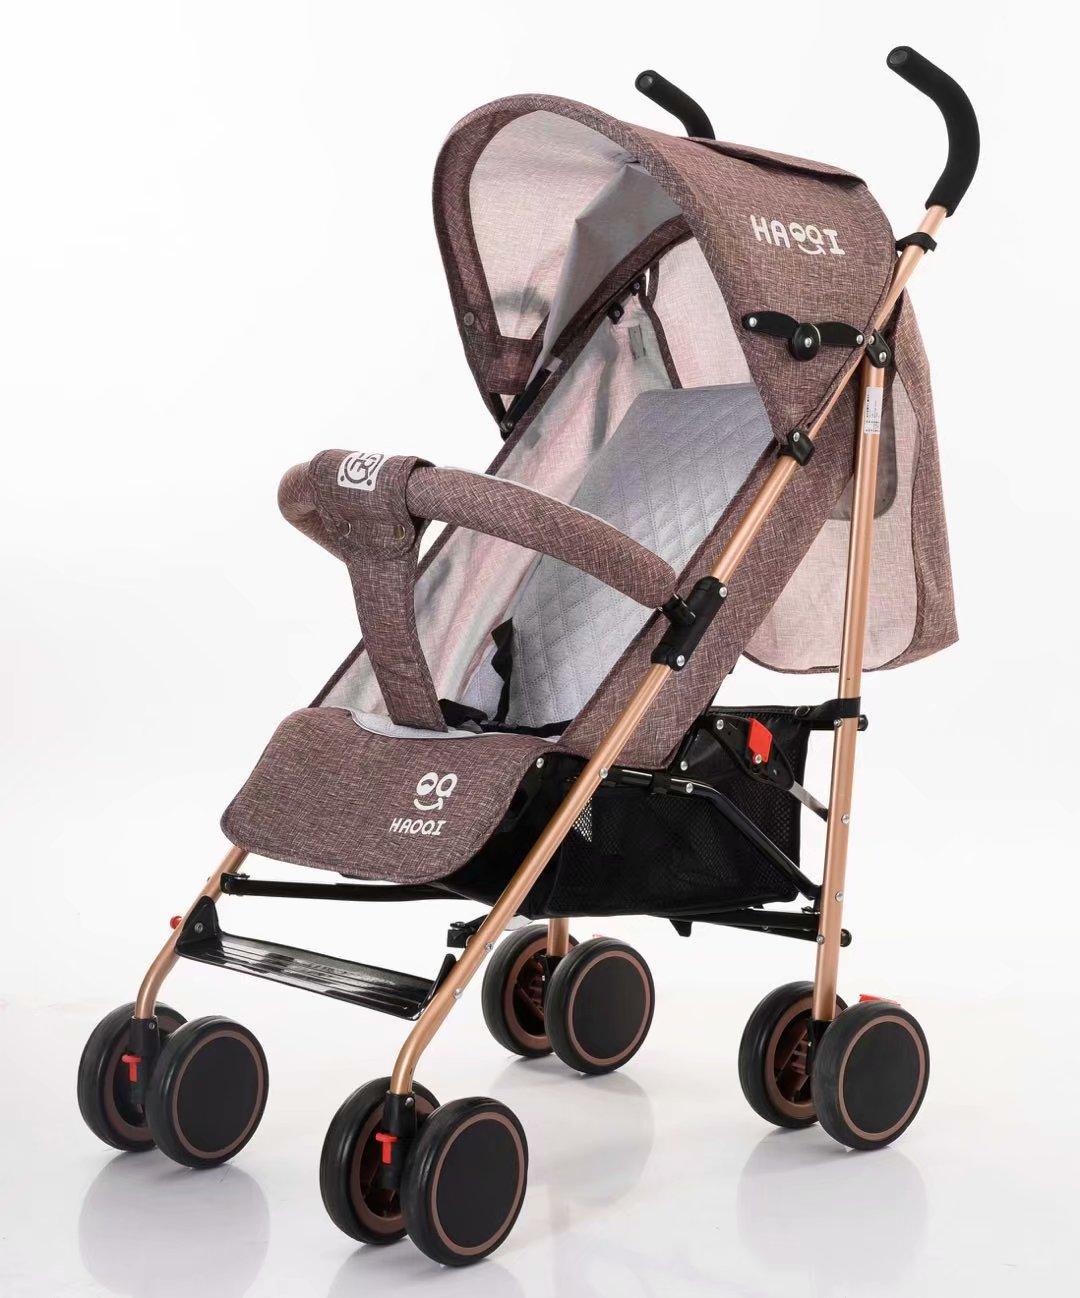 儿童手推车伞车可坐可躺可折叠轻便携带婴儿车